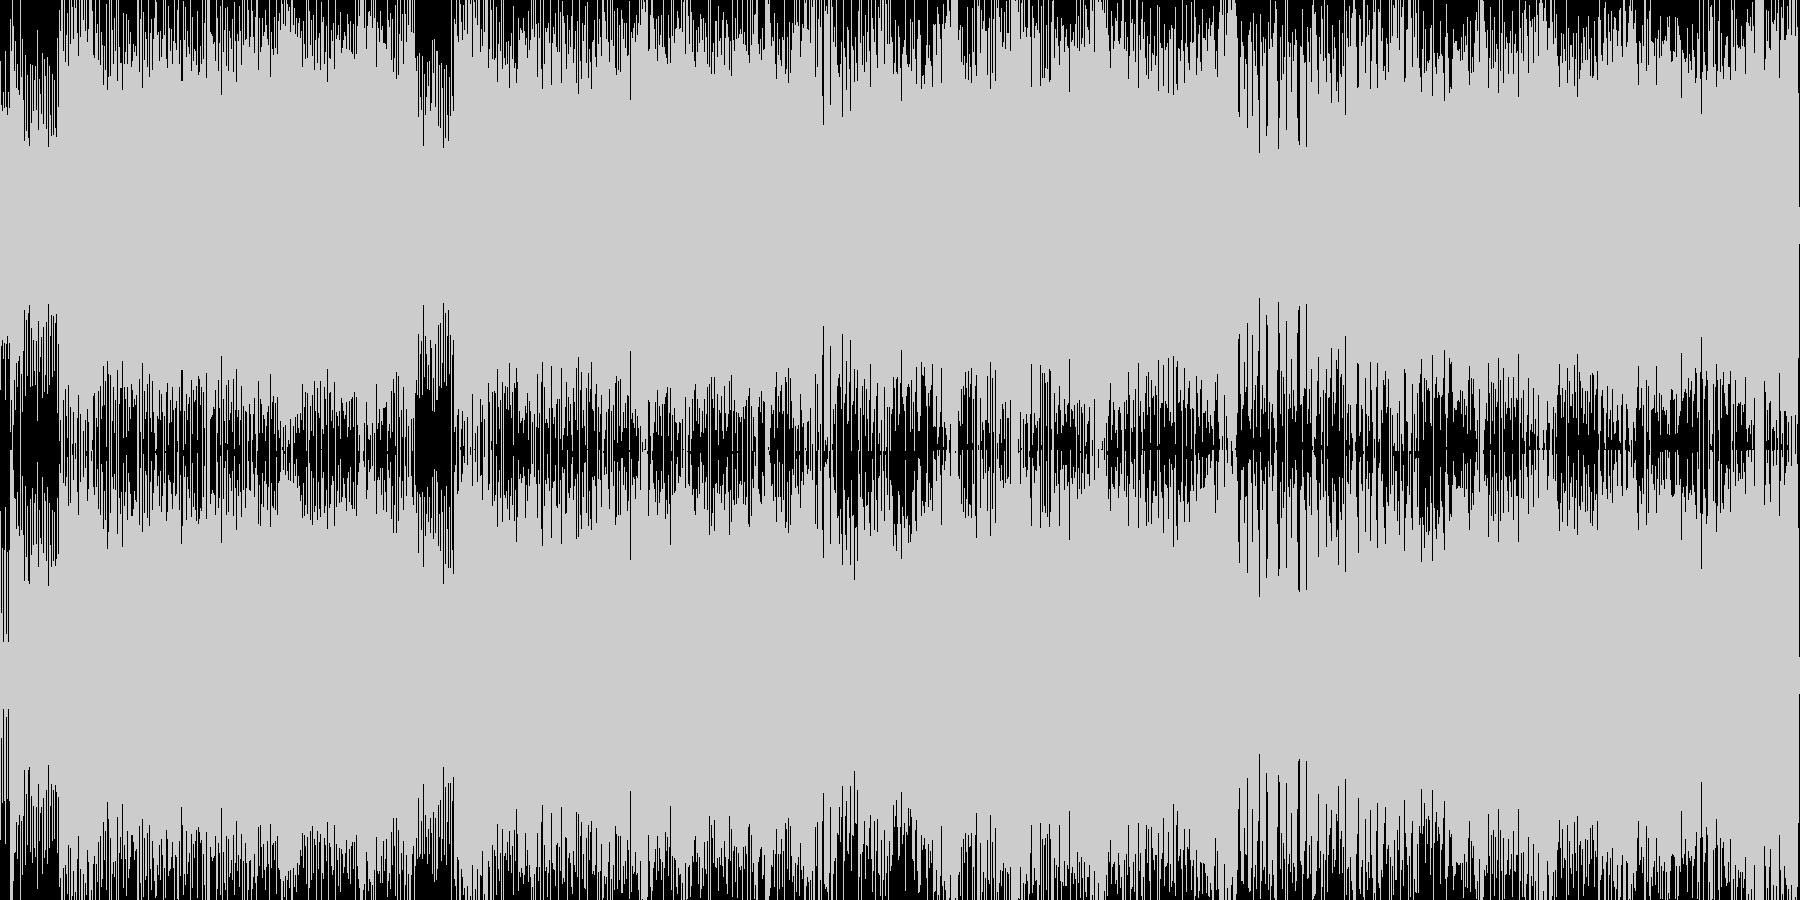 ロックハードでゲーム系BGMループの未再生の波形